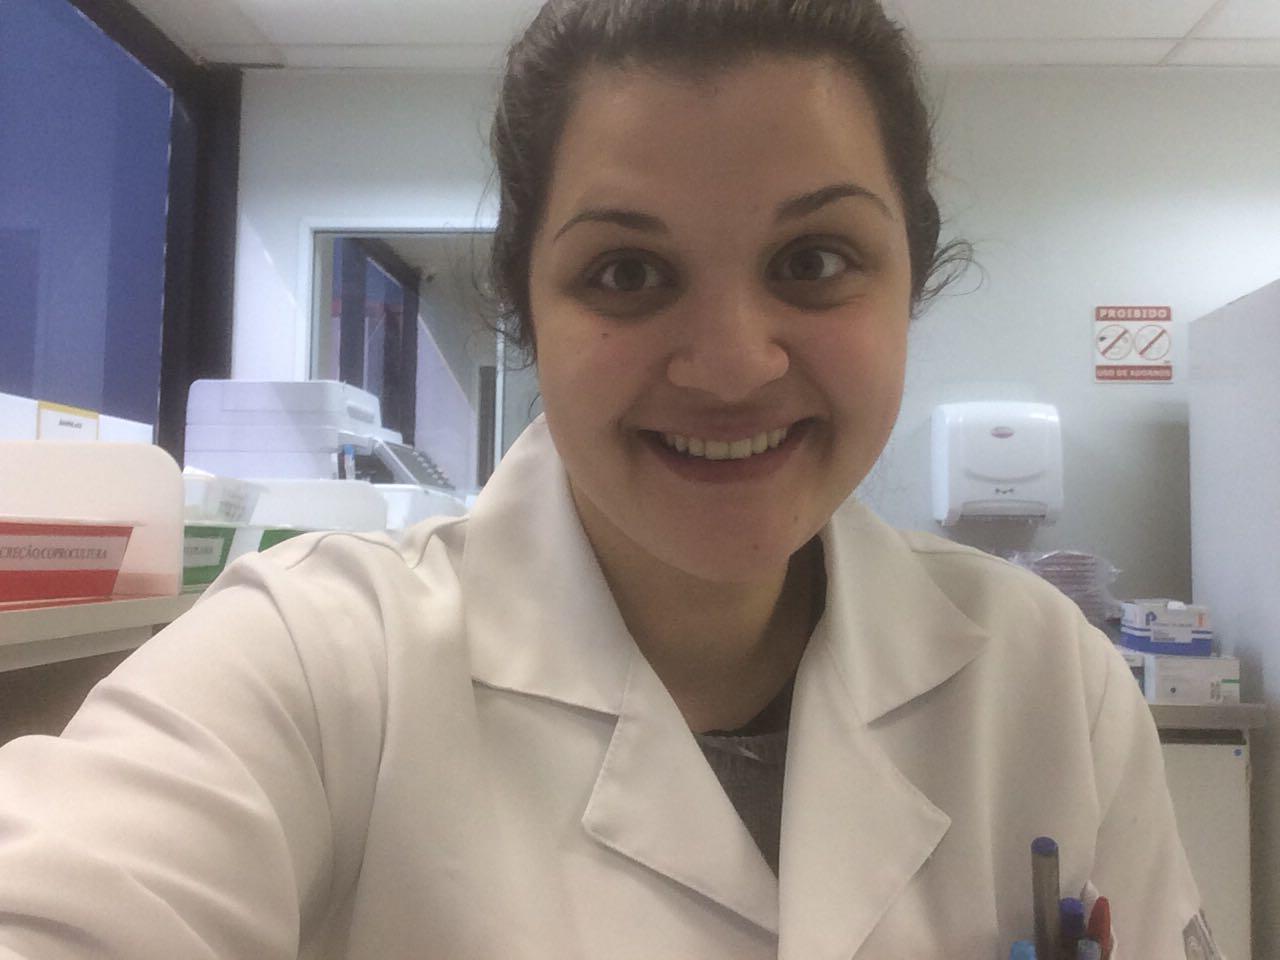 A jovem Mariana sorrindo, de cabelo preso e vestindo um jaleco branco em um laboratório de biomedicina.